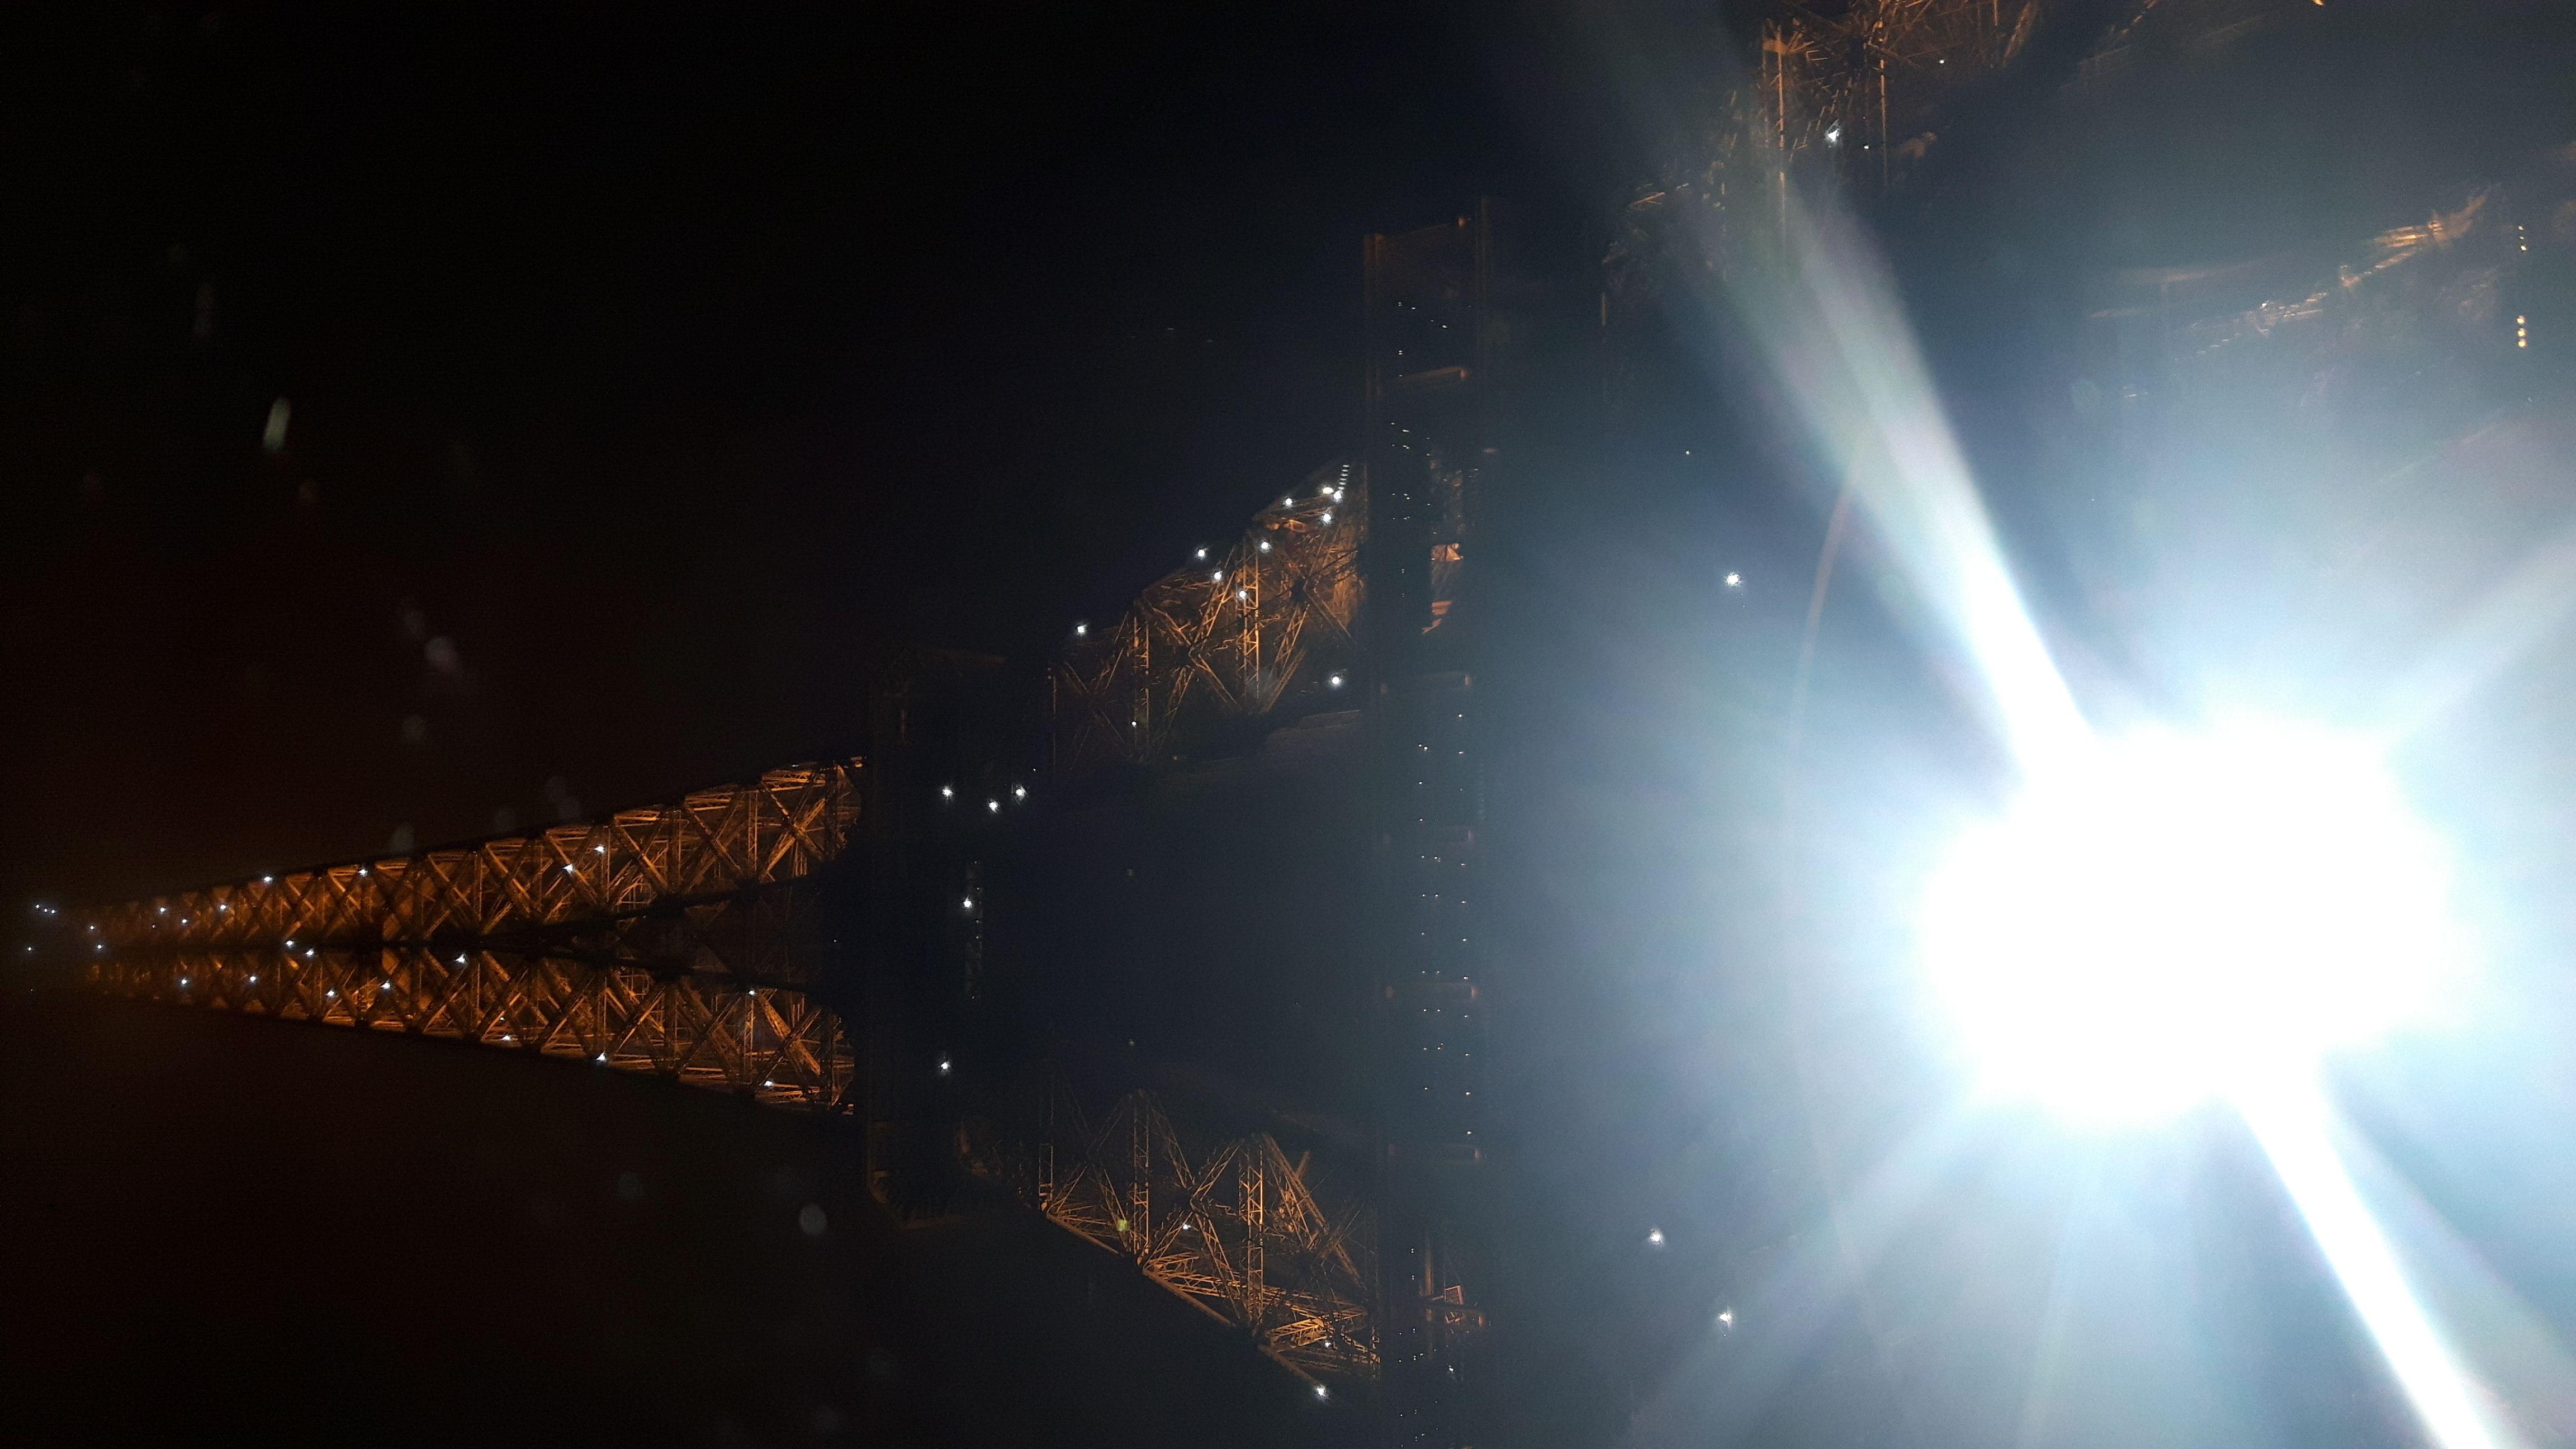 Colocation Paris 15ème arrondissement ETUDIANT & Location Chambre à louer Paris 15ème arrondissement ETUDIANT | Loue chambre meublée Paris 15ème arrondissement ETUDIANT | Logement Paris 15ème arrondissement ETUDIANT